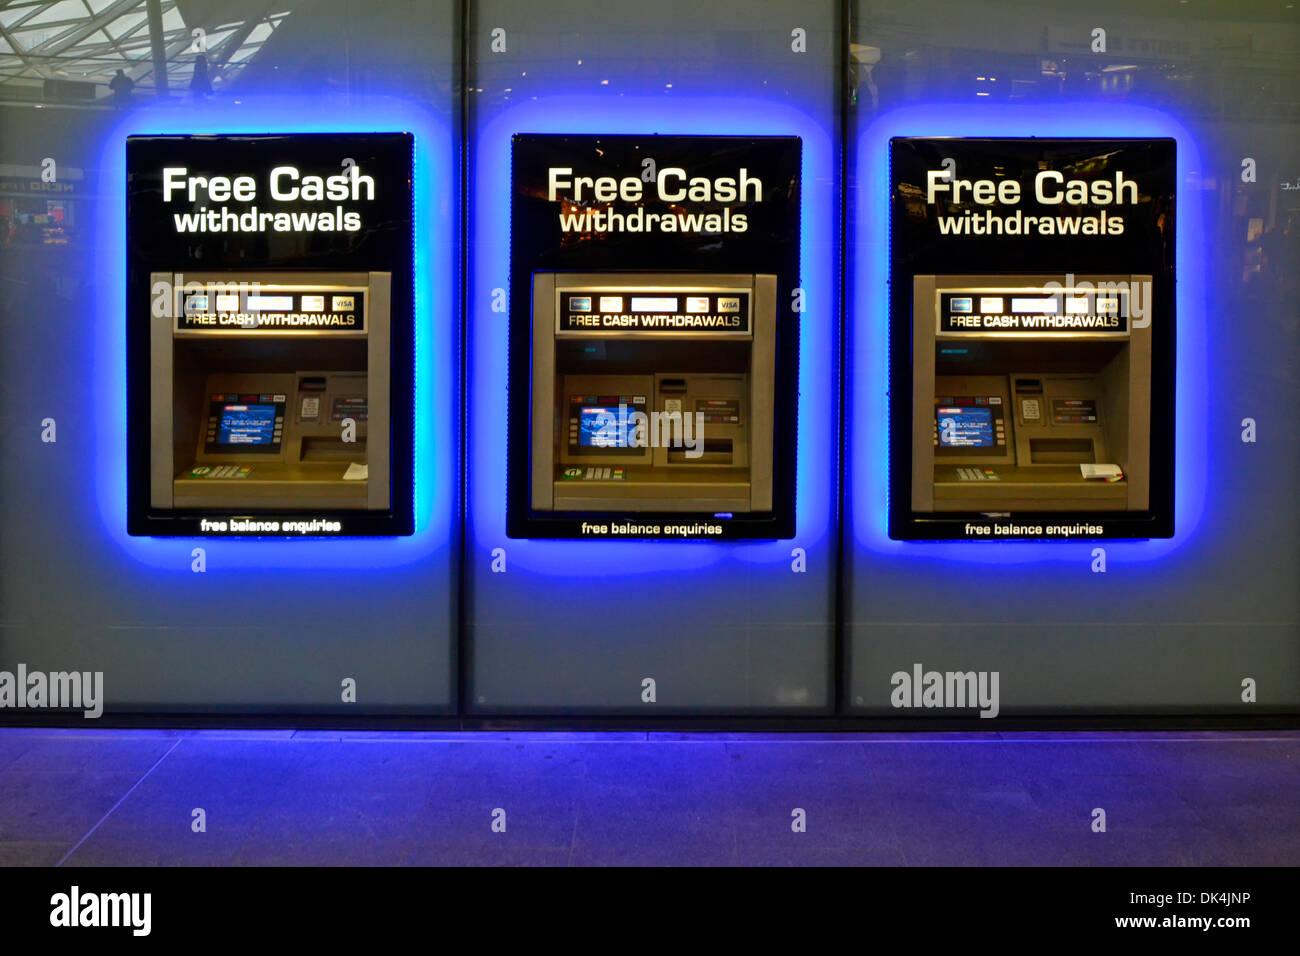 La gare s'allume en bleu autour de la rangée de trous d'argent du distributeur automatique de billets Dans le mur distributeur d'argent machine Kings Cross train Station Londres Angleterre Royaume-Uni Banque D'Images